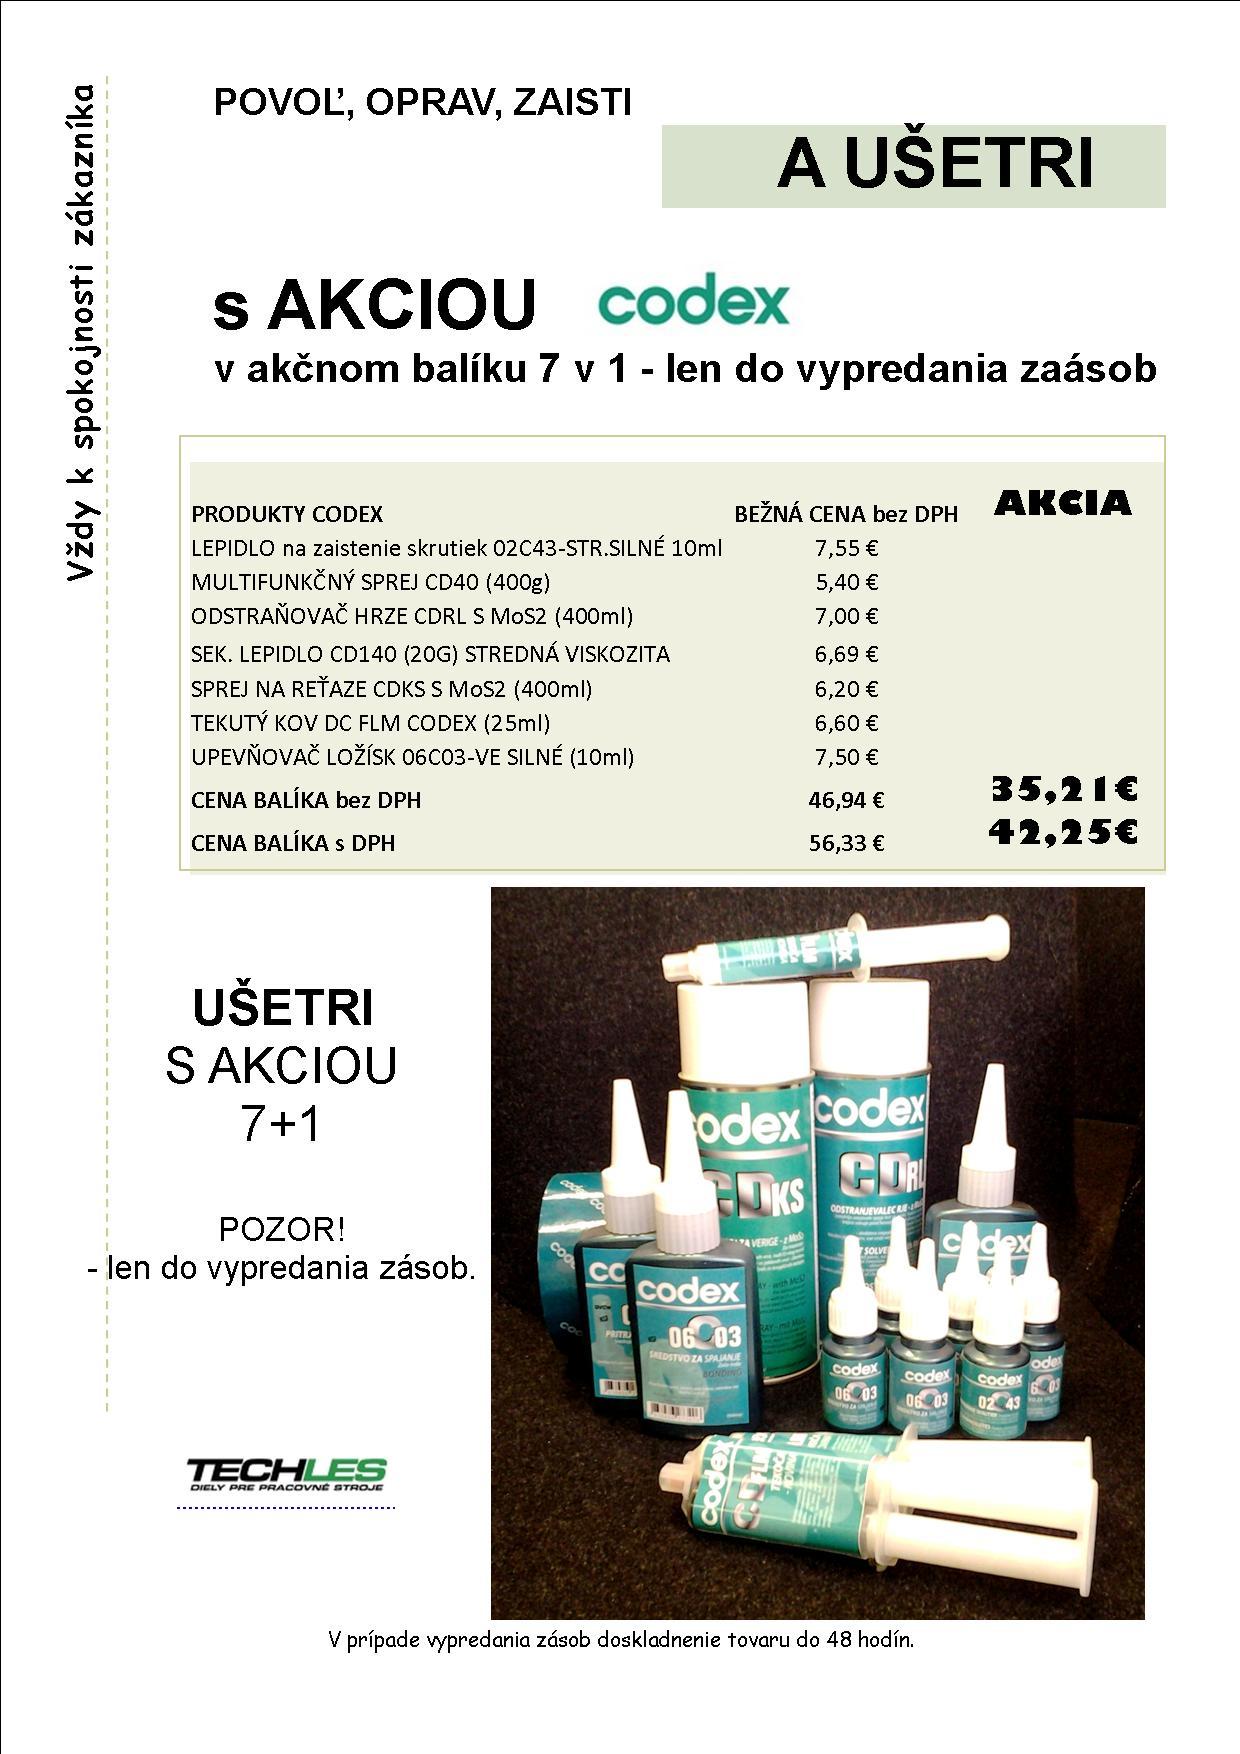 AKCIA CODEX